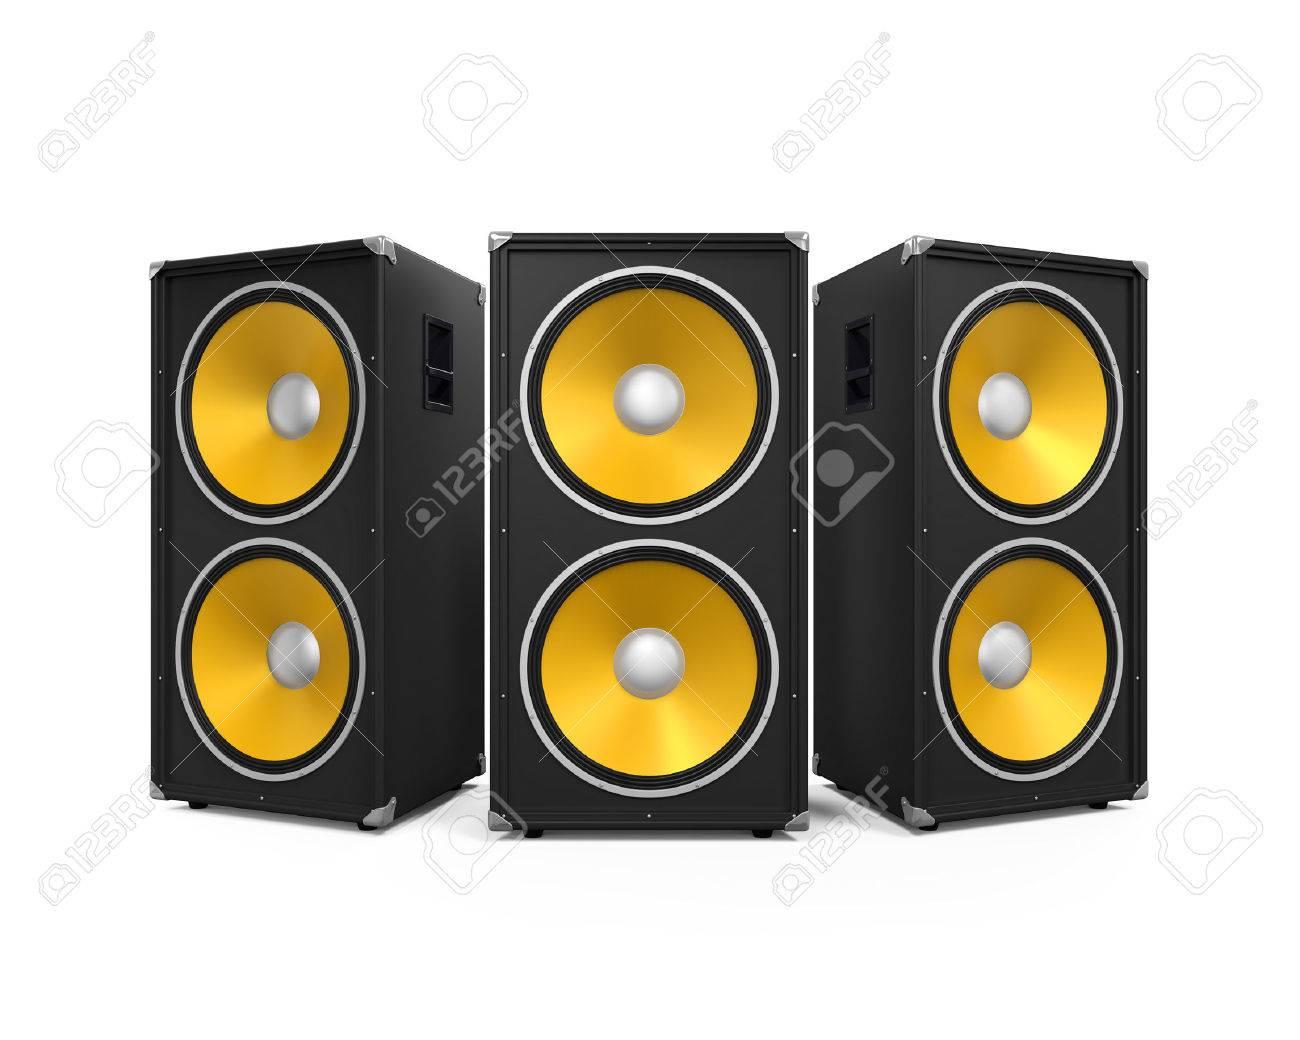 Large Audio Speakers - 48108099